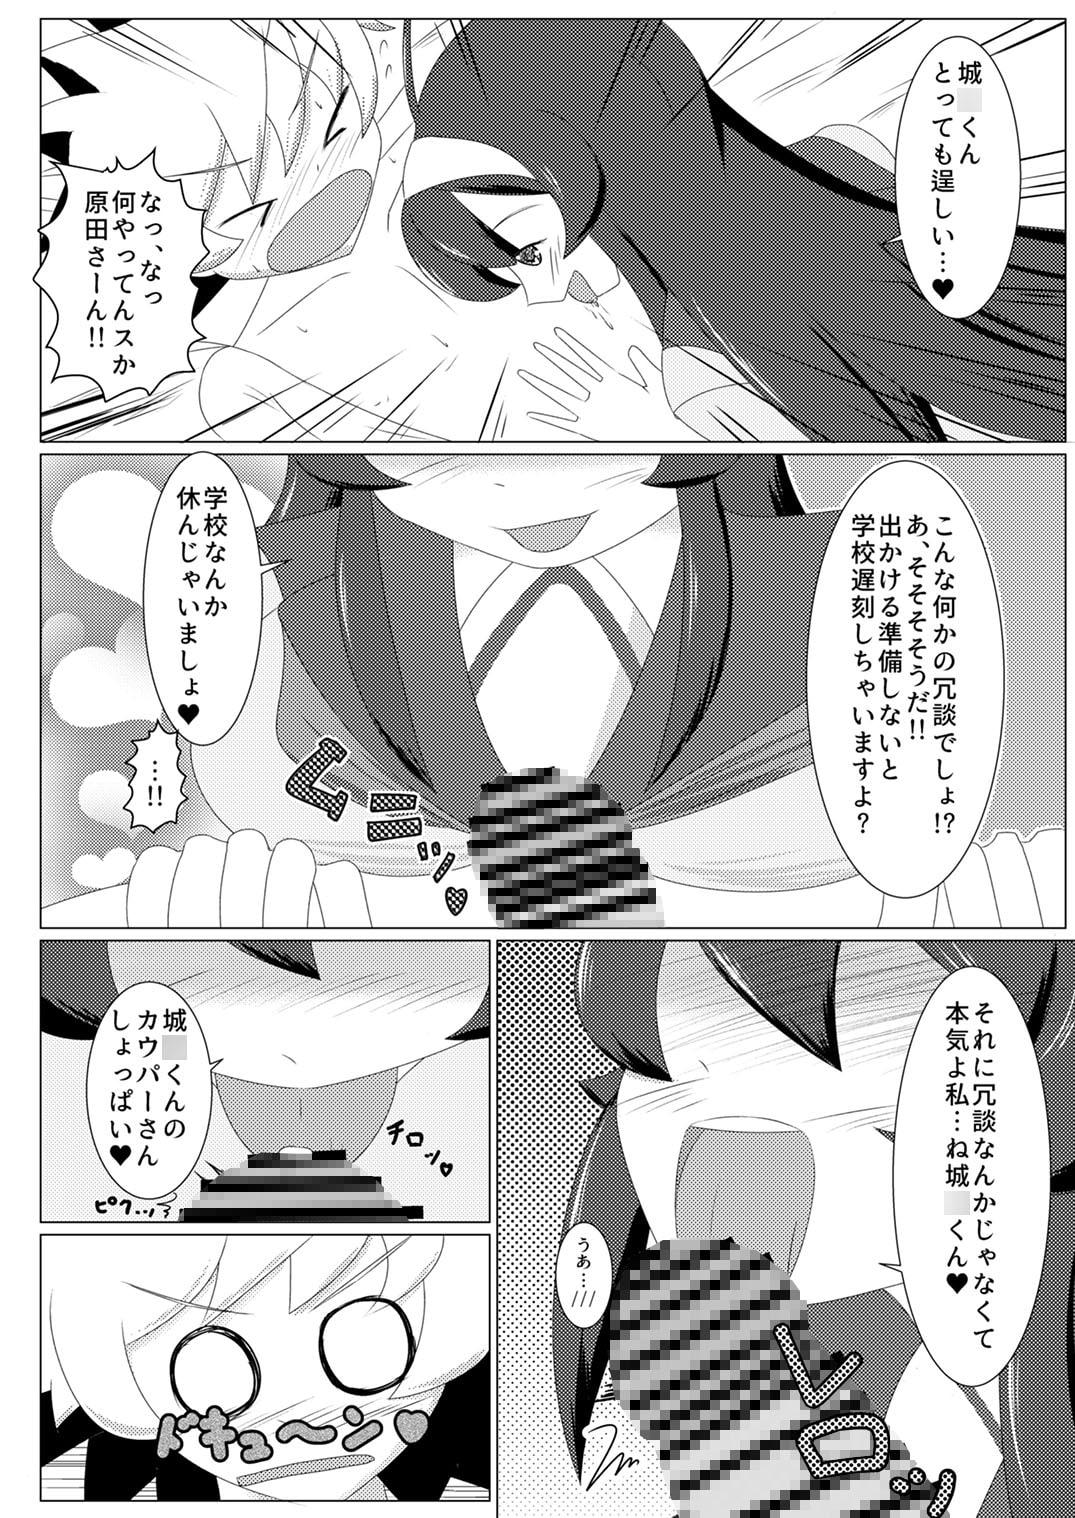 DLsite専売ハイドロワイヤル!